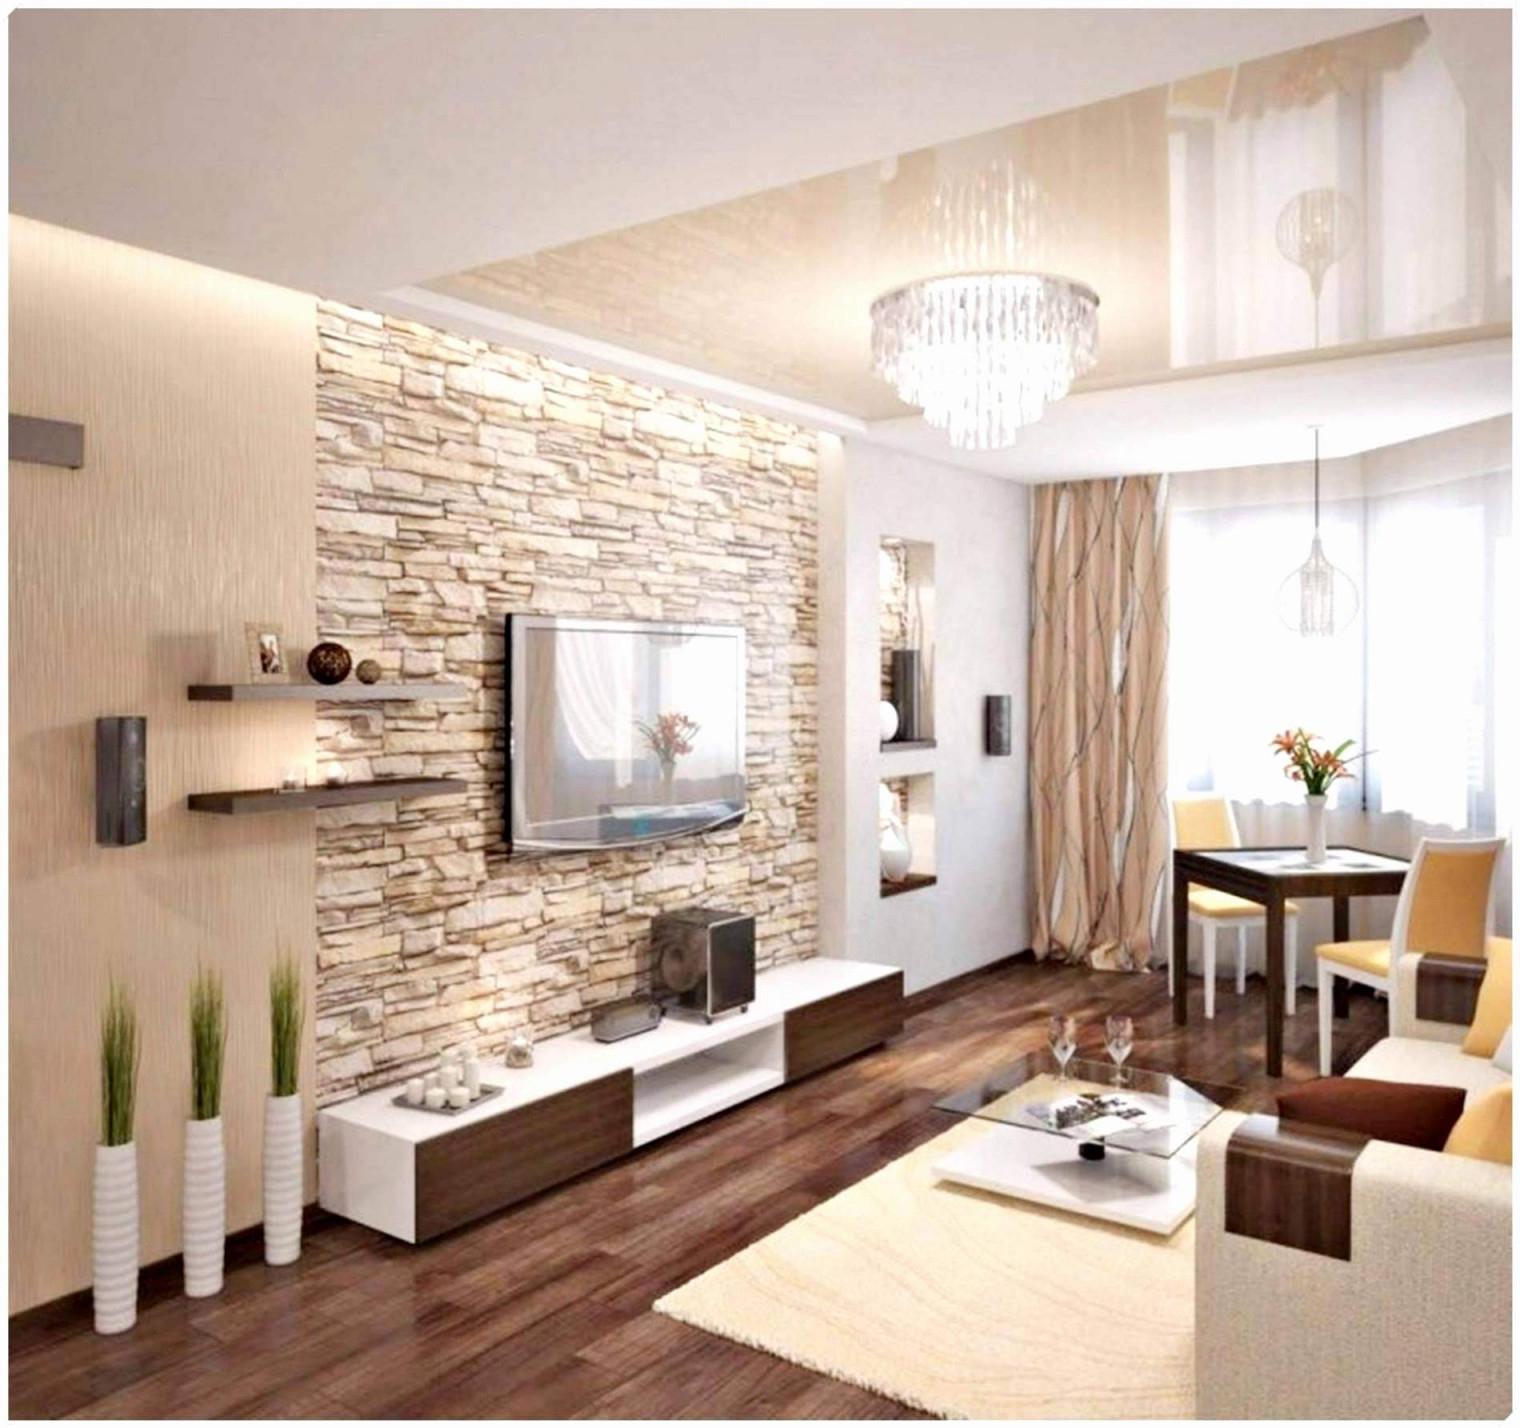 36 Neu Wandgestaltung Wohnzimmer Farbe Schön  Wohnzimmer Frisch von Ideen Für Wandgestaltung Wohnzimmer Photo